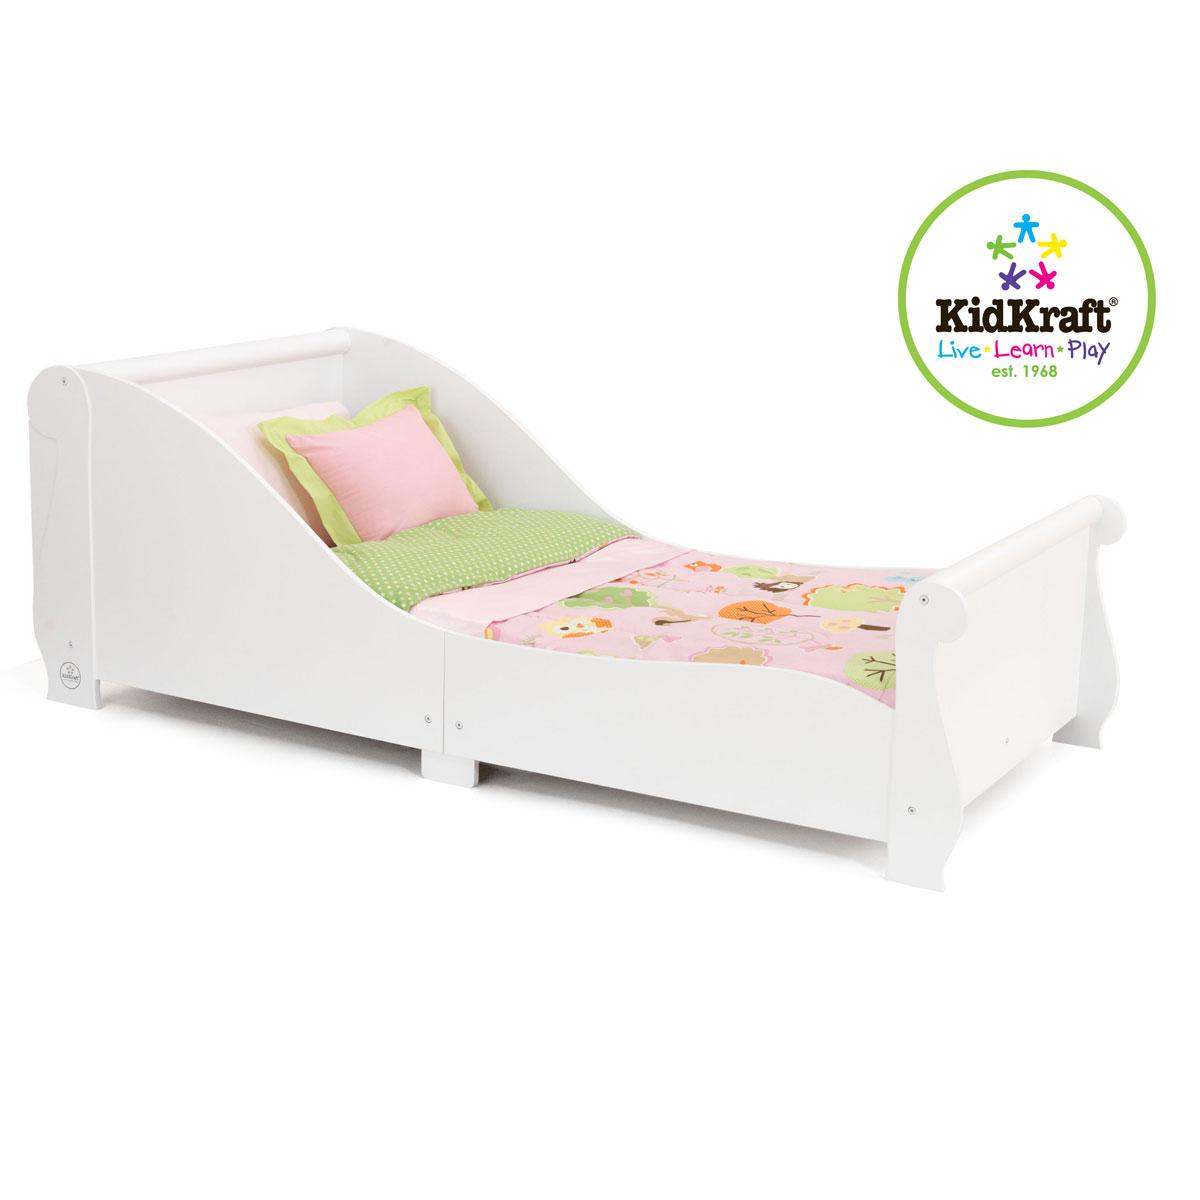 Купить Детская кровать - Sleigh, белая, KidKraft